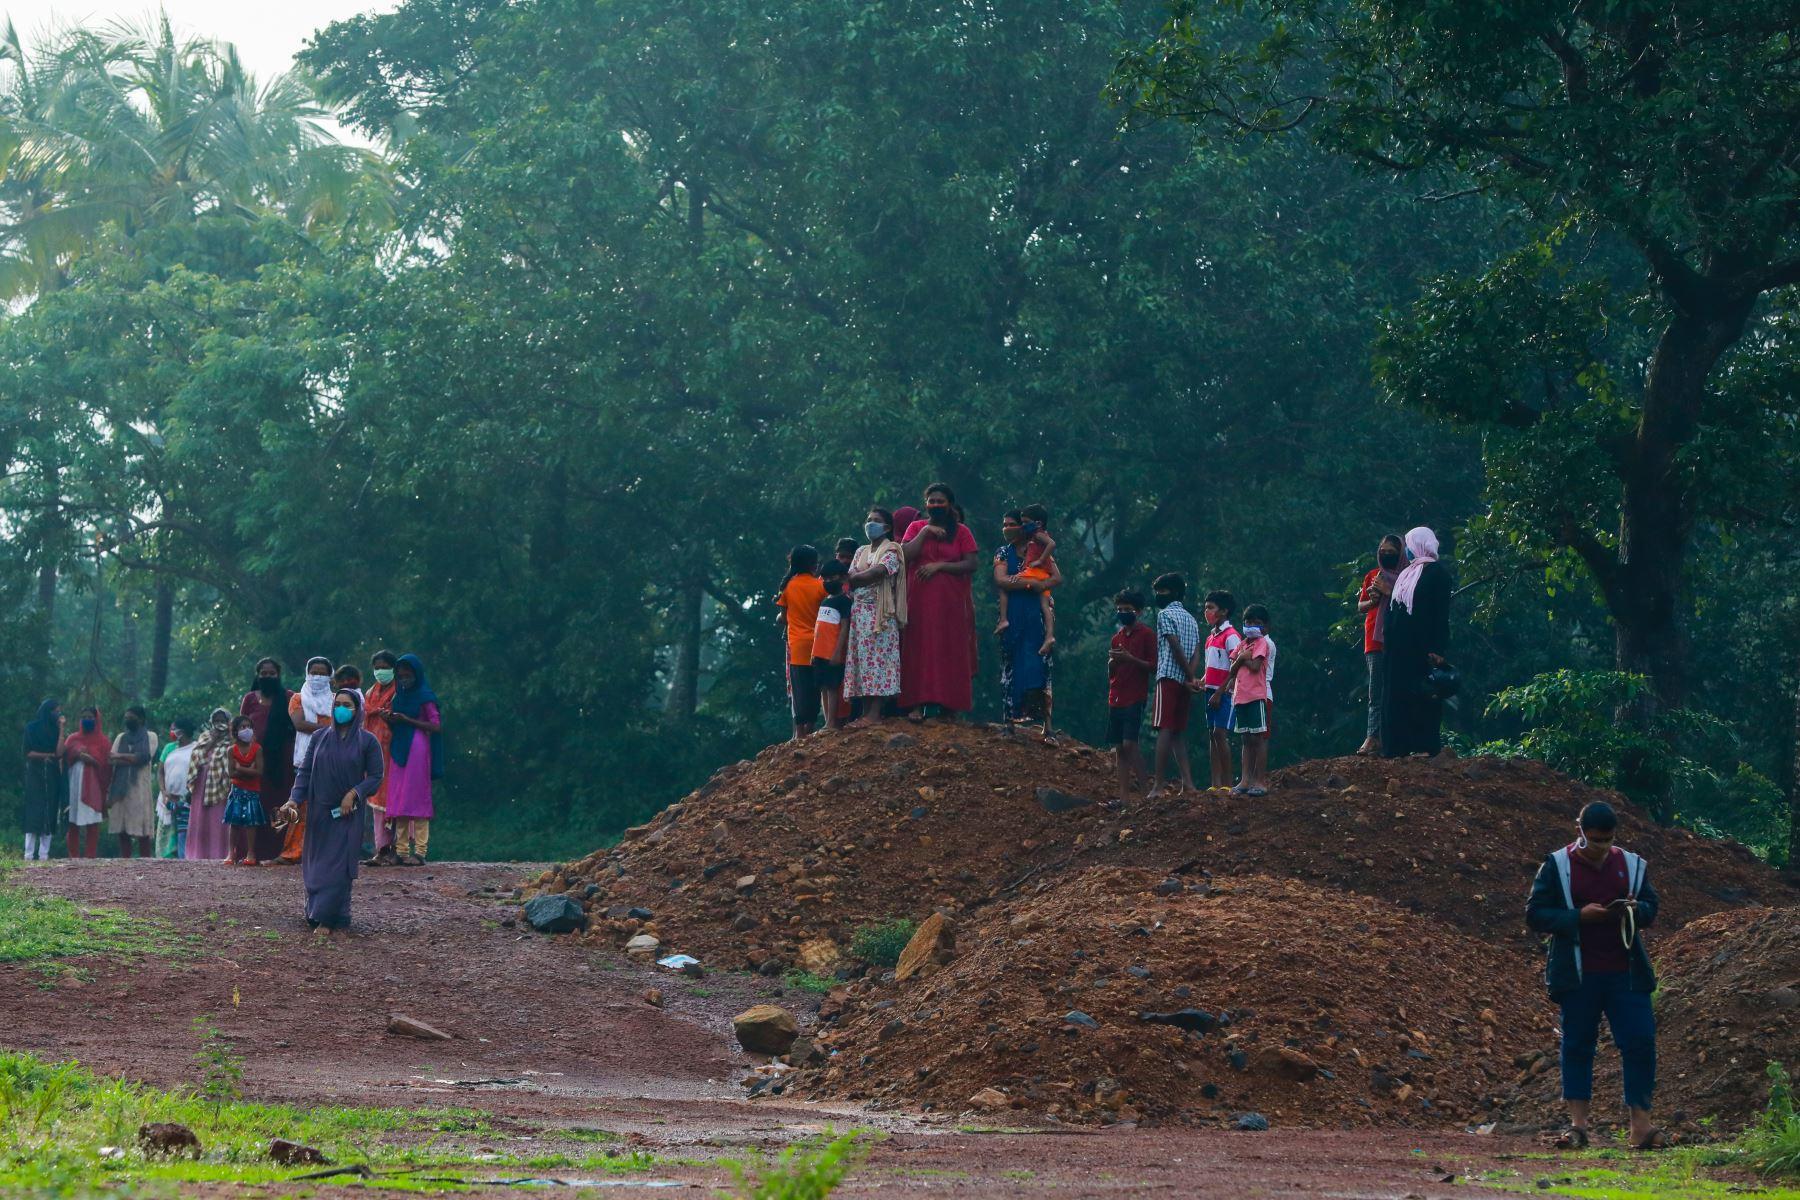 Un grupo de personas observan la inspección los restos del avión de Air India Express tras sufrir accidente. Foto: AFP